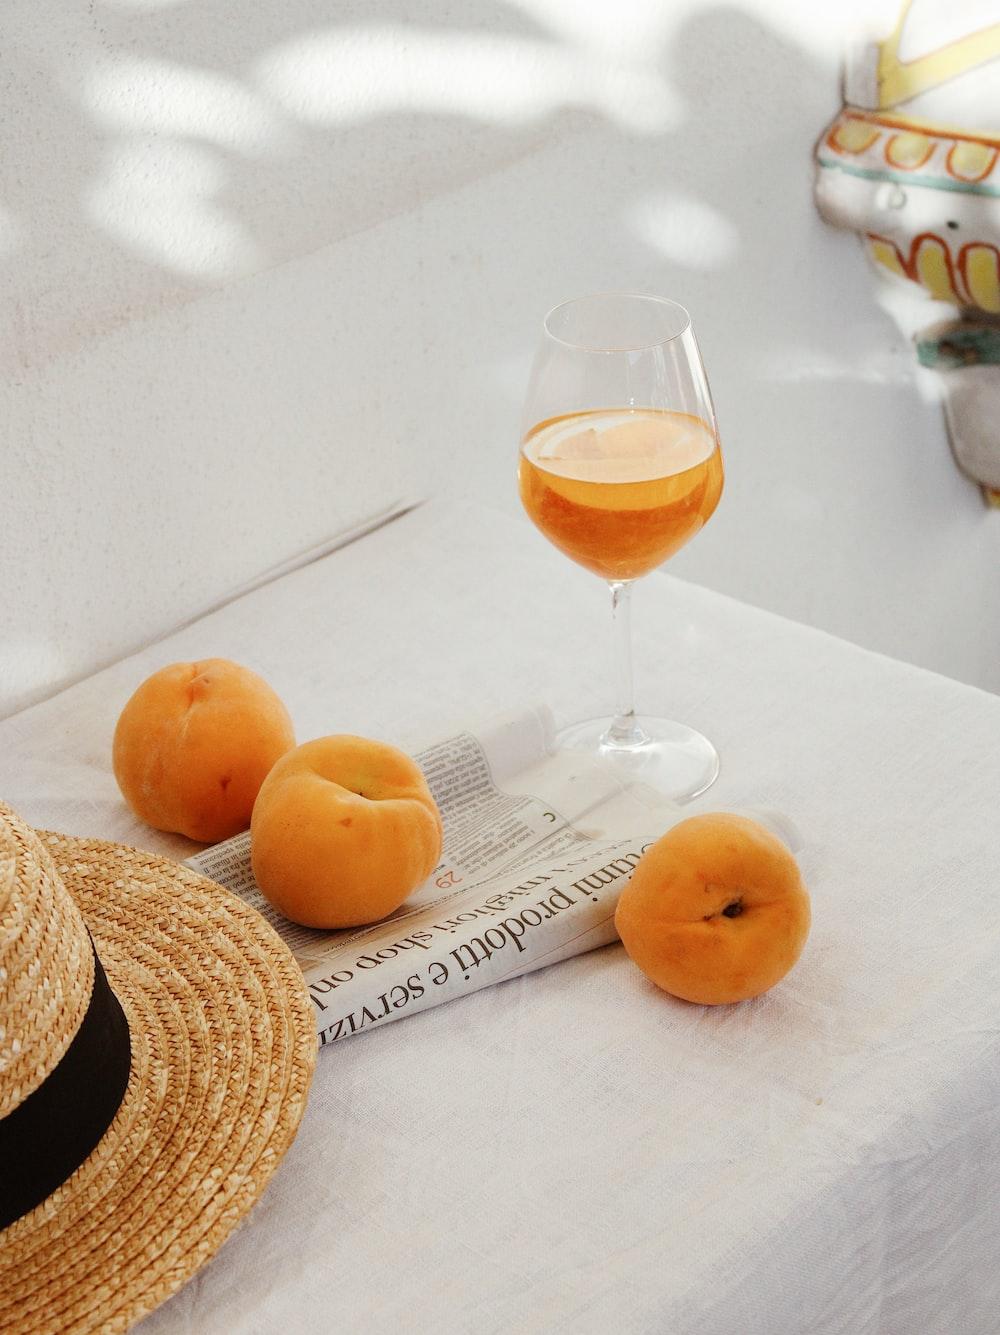 orange fruit beside clear wine glass